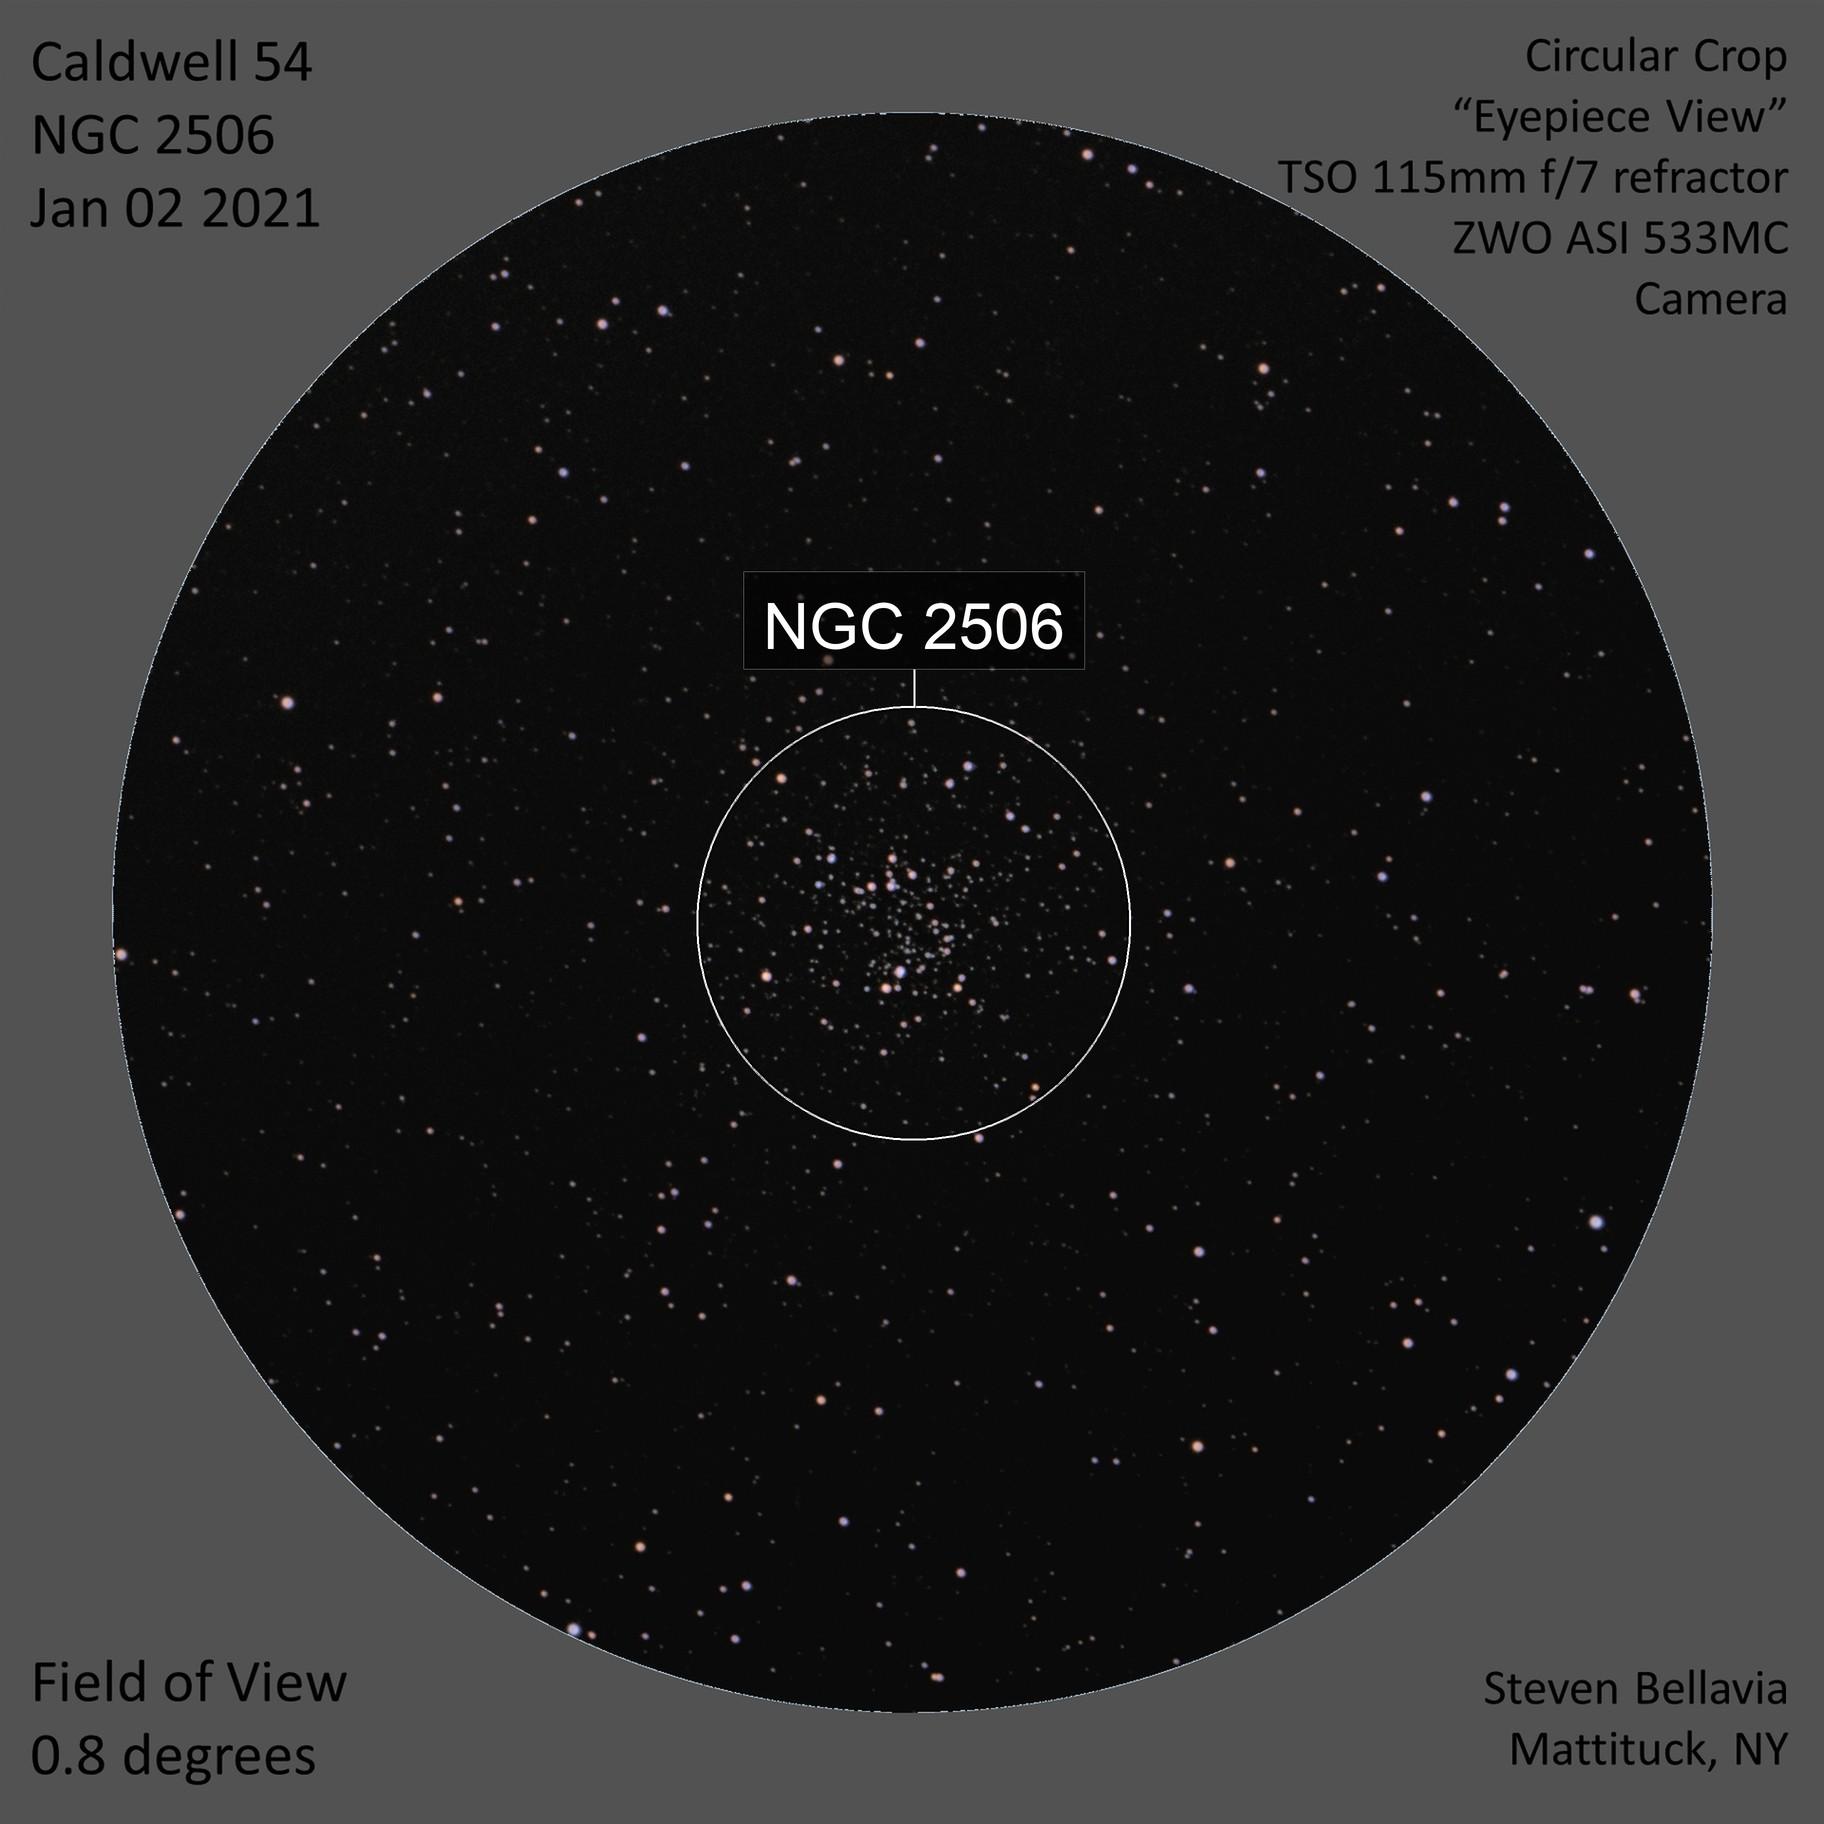 C54, NGC 2506